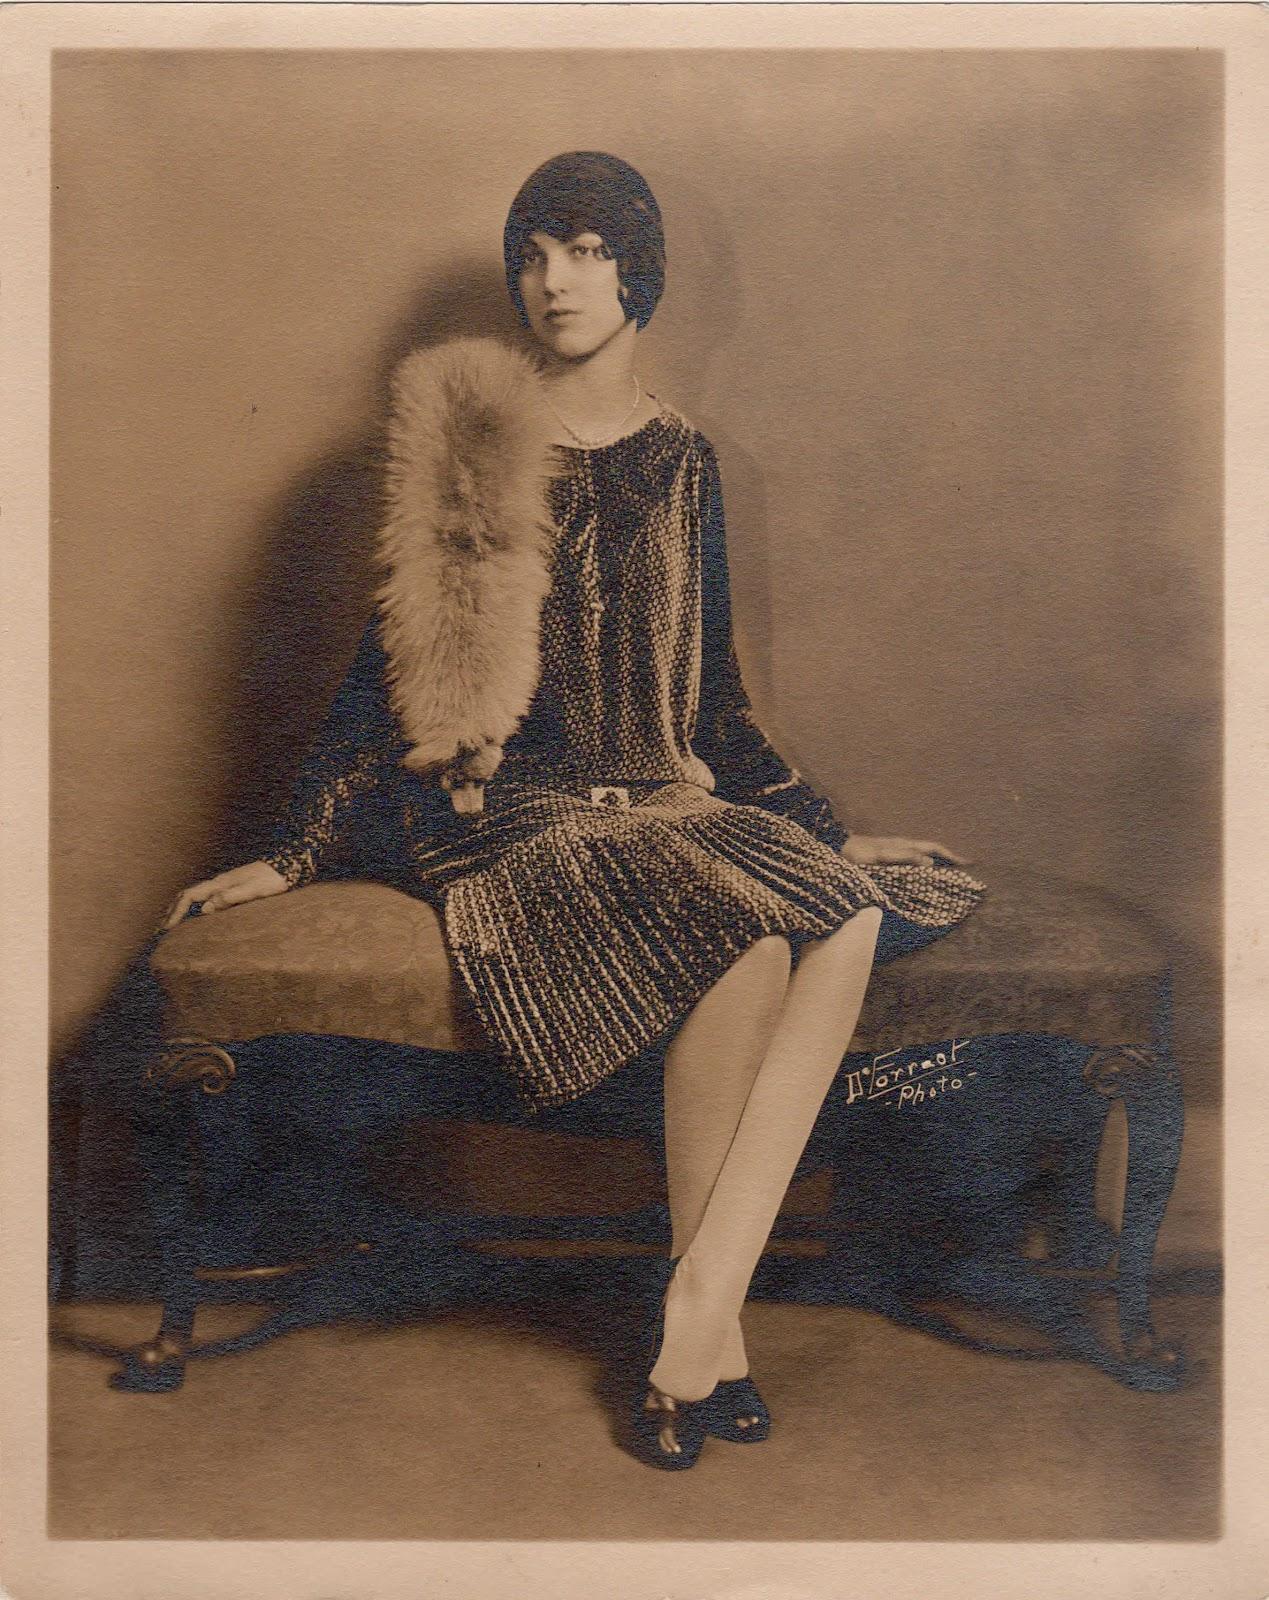 1920s Fashion Service Magazine June 1928 Bathing Suit: Bonjour Teaspoon: 1920's Fashion